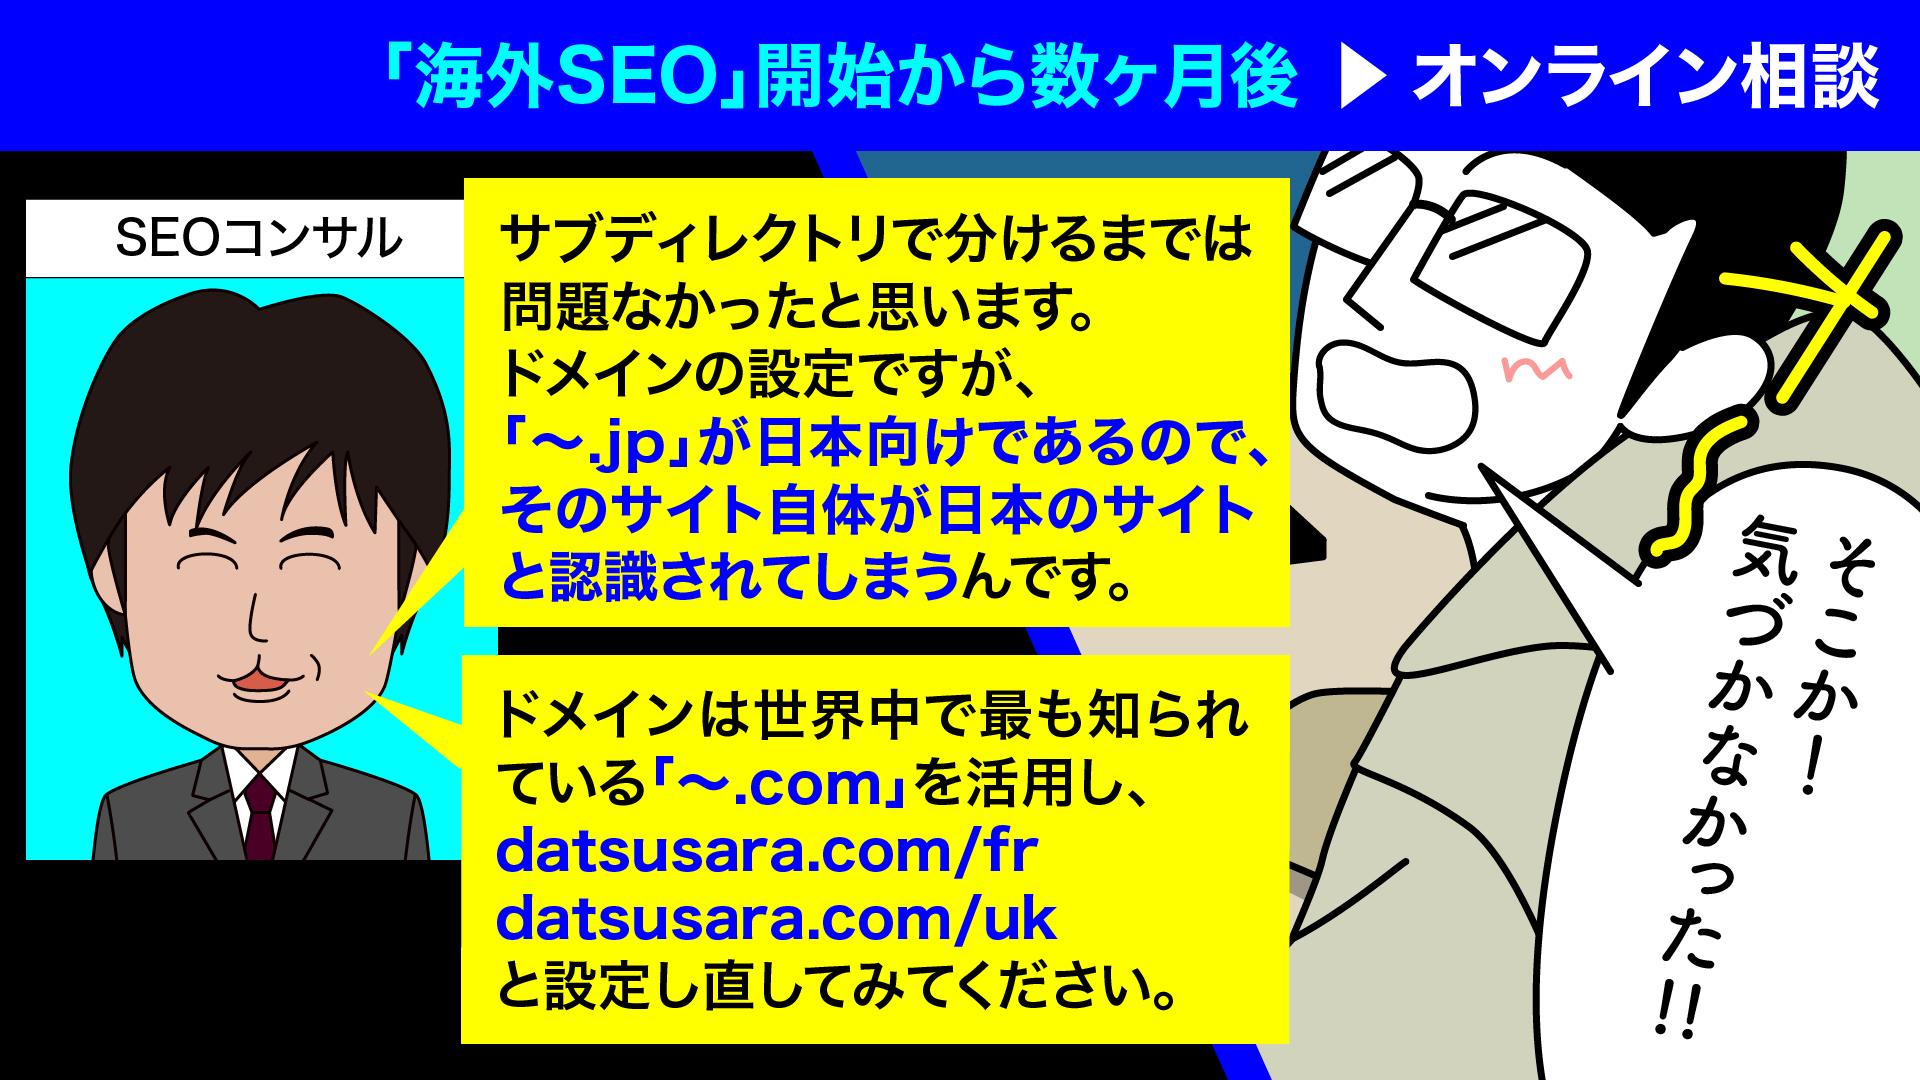 海外SEO-SEO対策漫画⑤